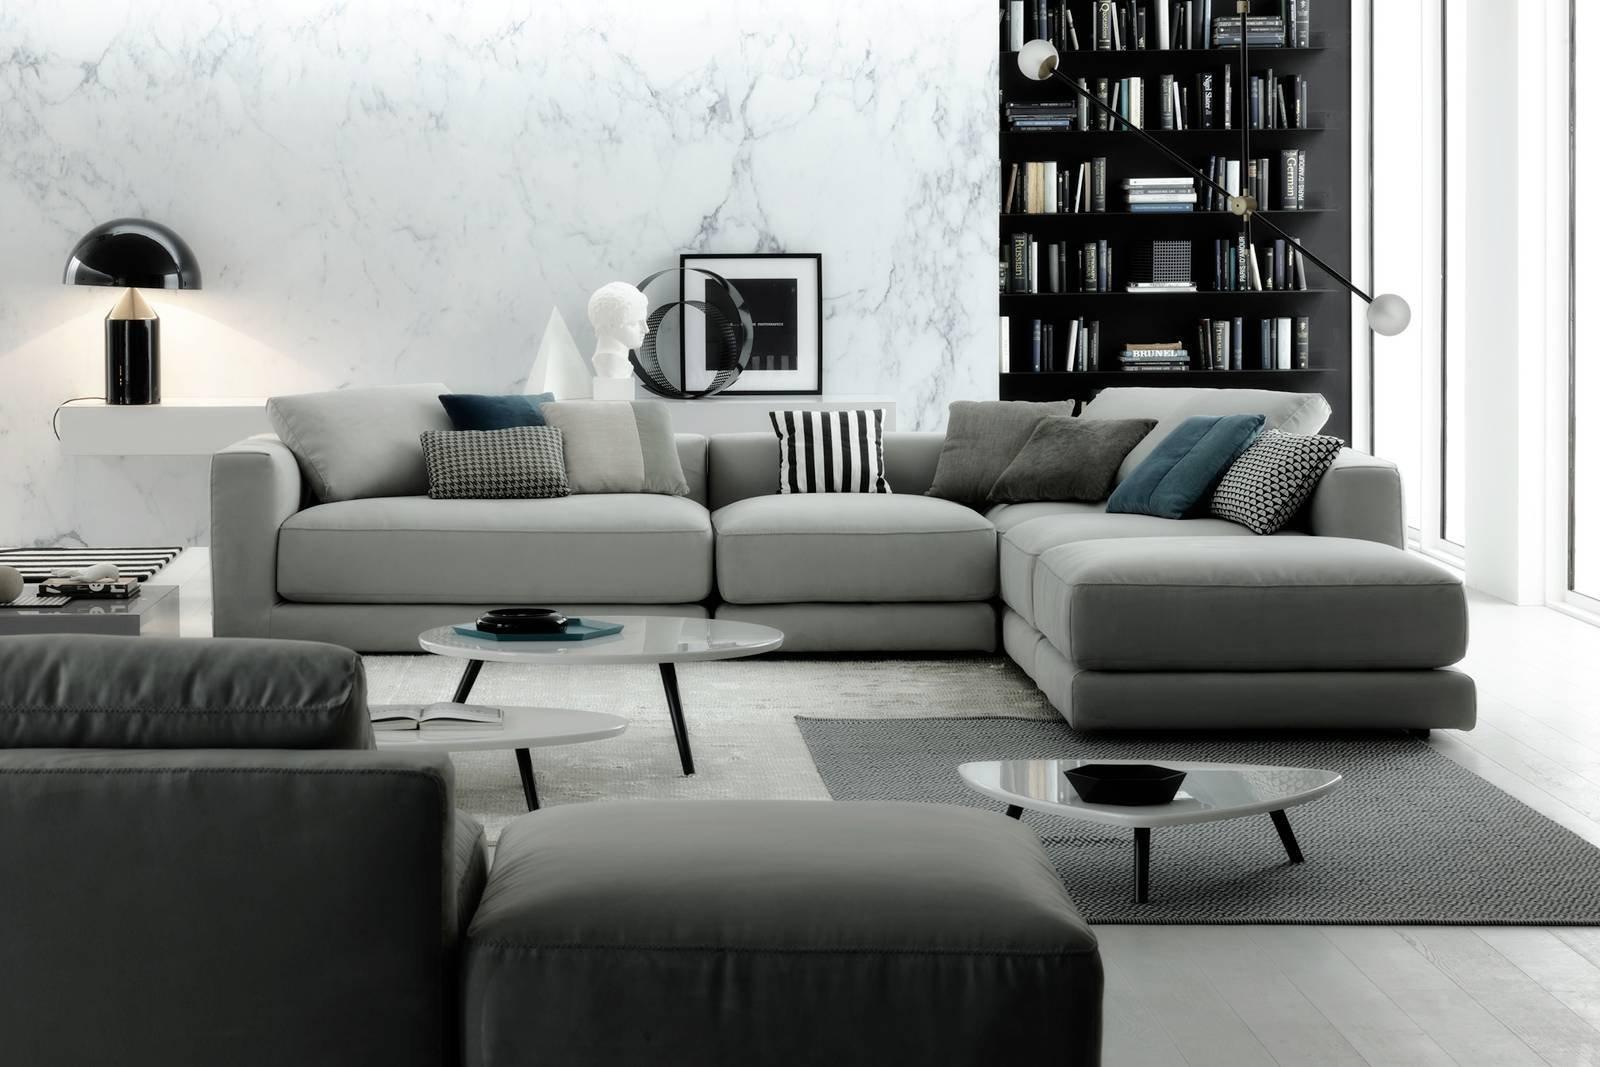 Salone del mobile 2017 divani e divanetti cose di casa for Divani per salotto